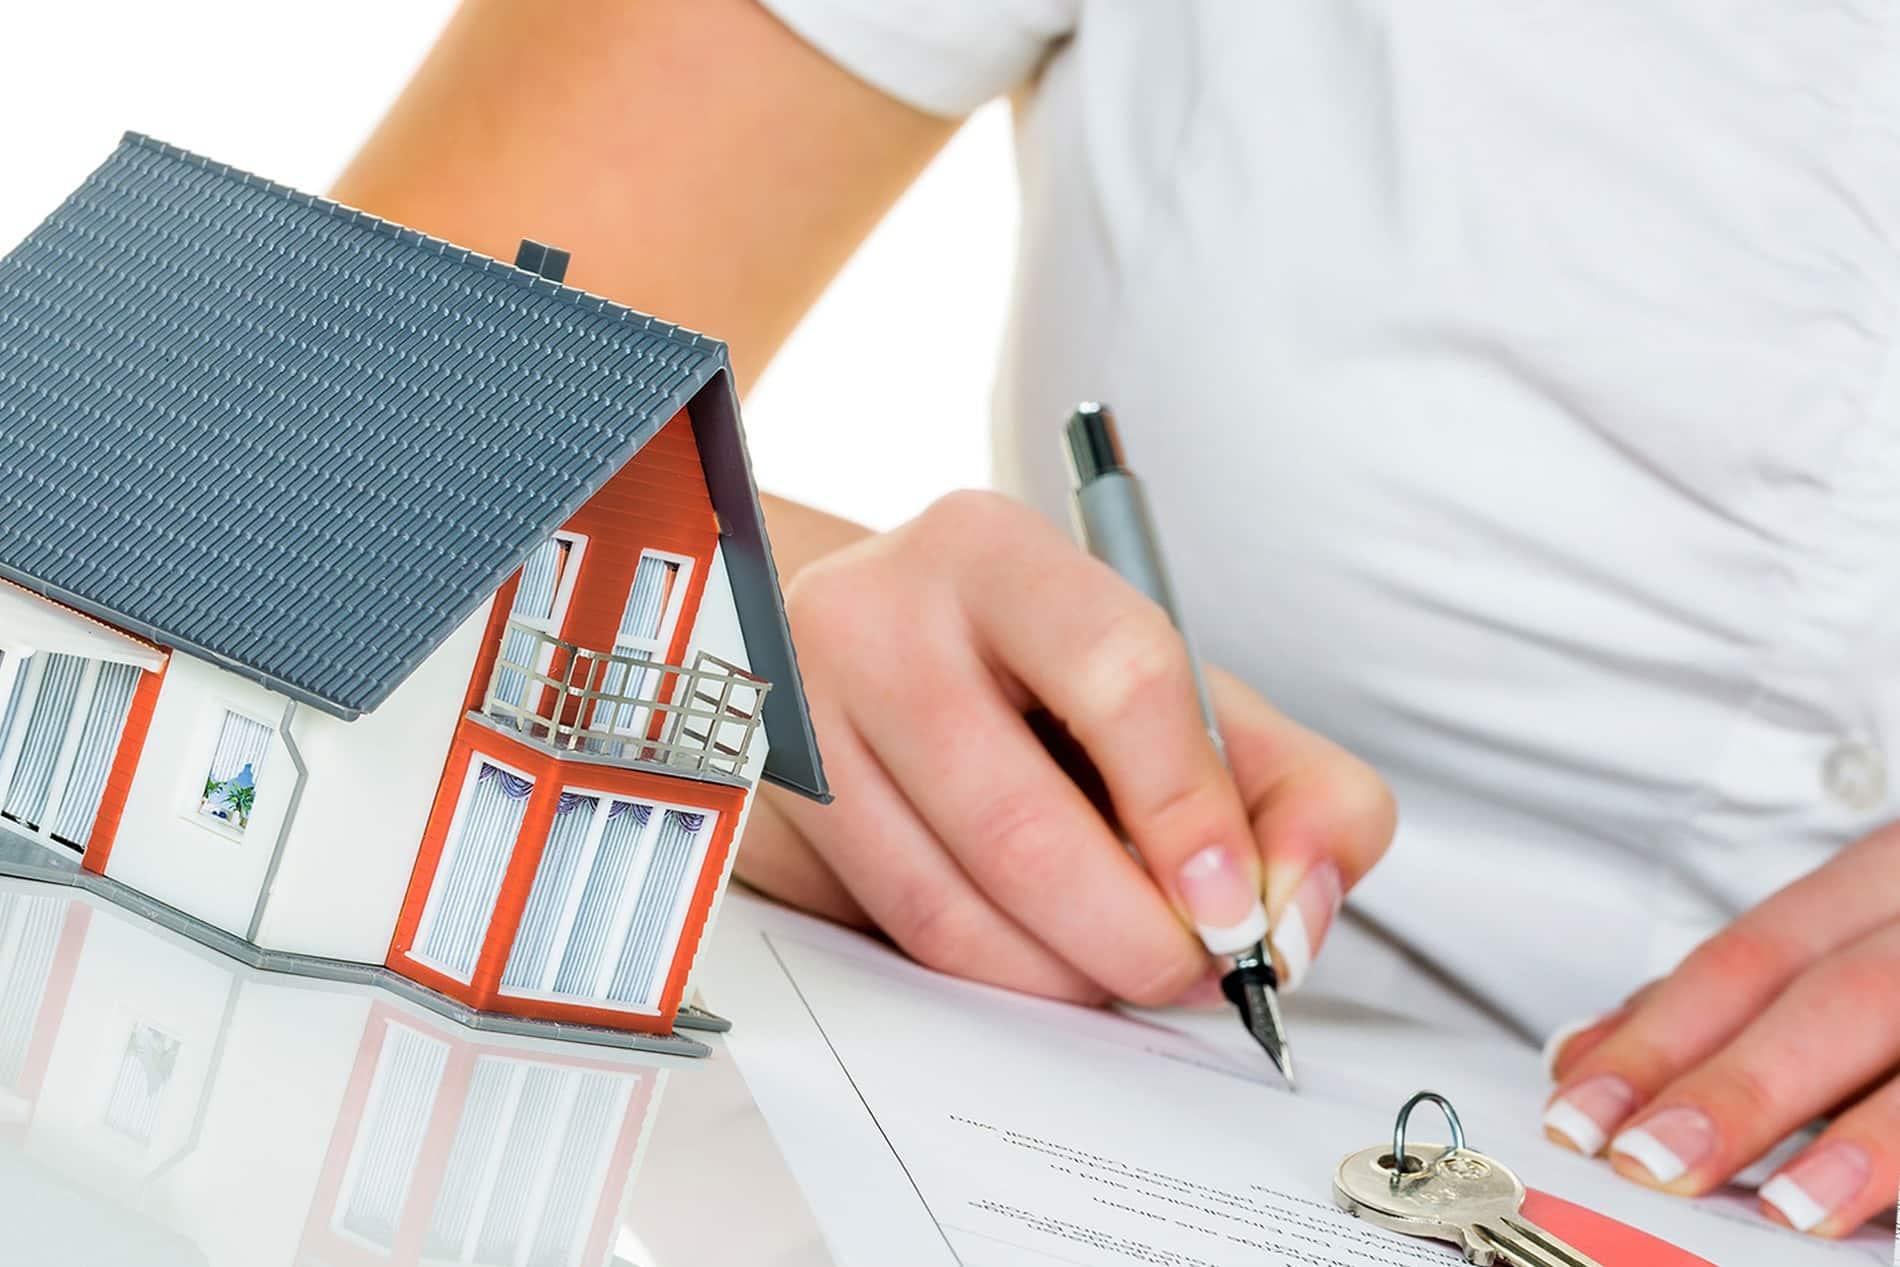 Запрет на кредиты под залог жилья: законопроект внесён на рассмотрение в Госдуму